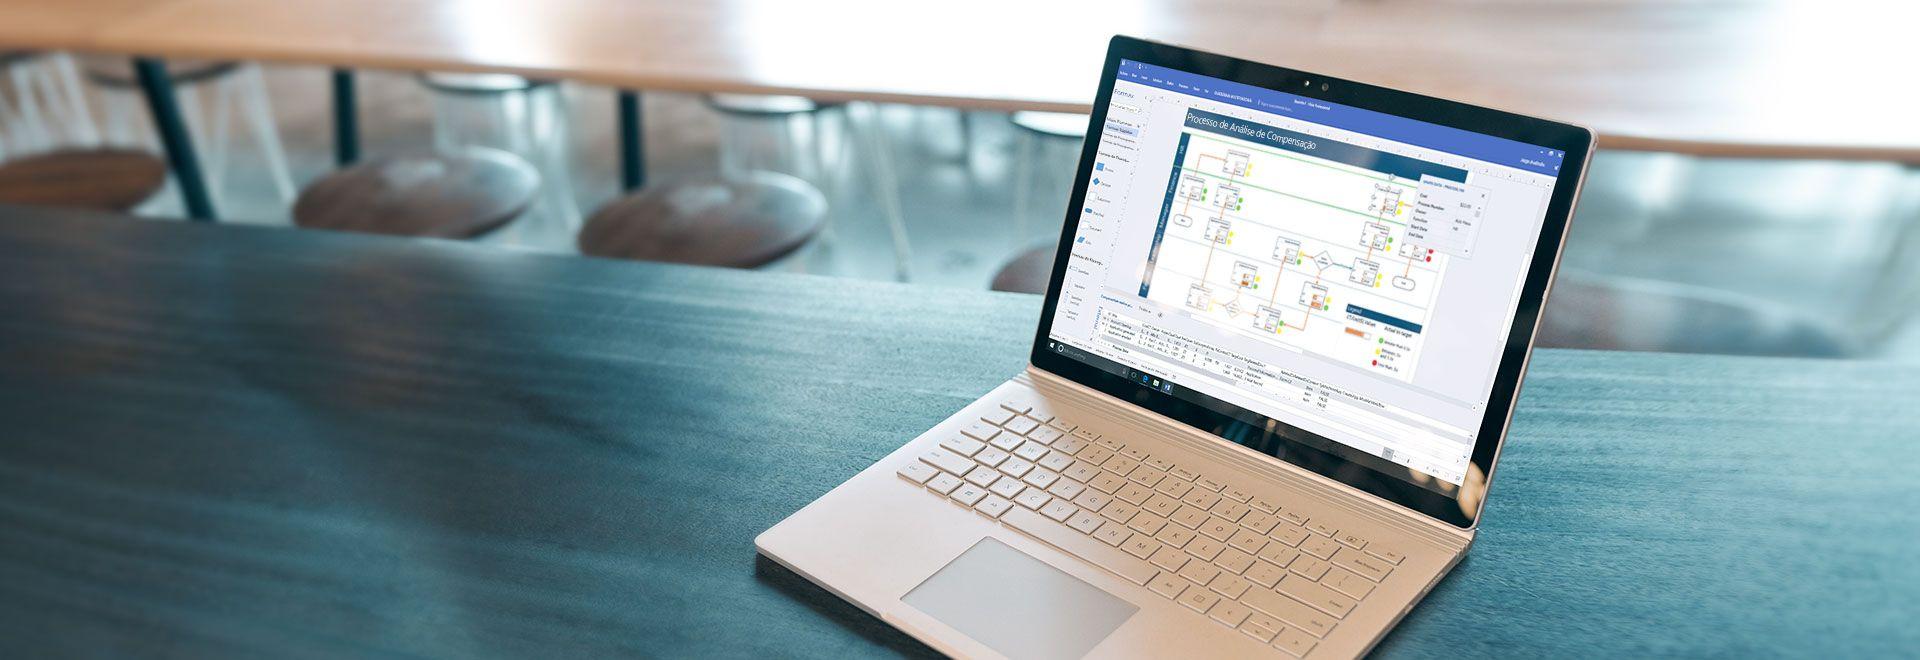 Um portátil a mostrar um diagrama de fluxo de trabalho do processo no Visio Pro para Office 365